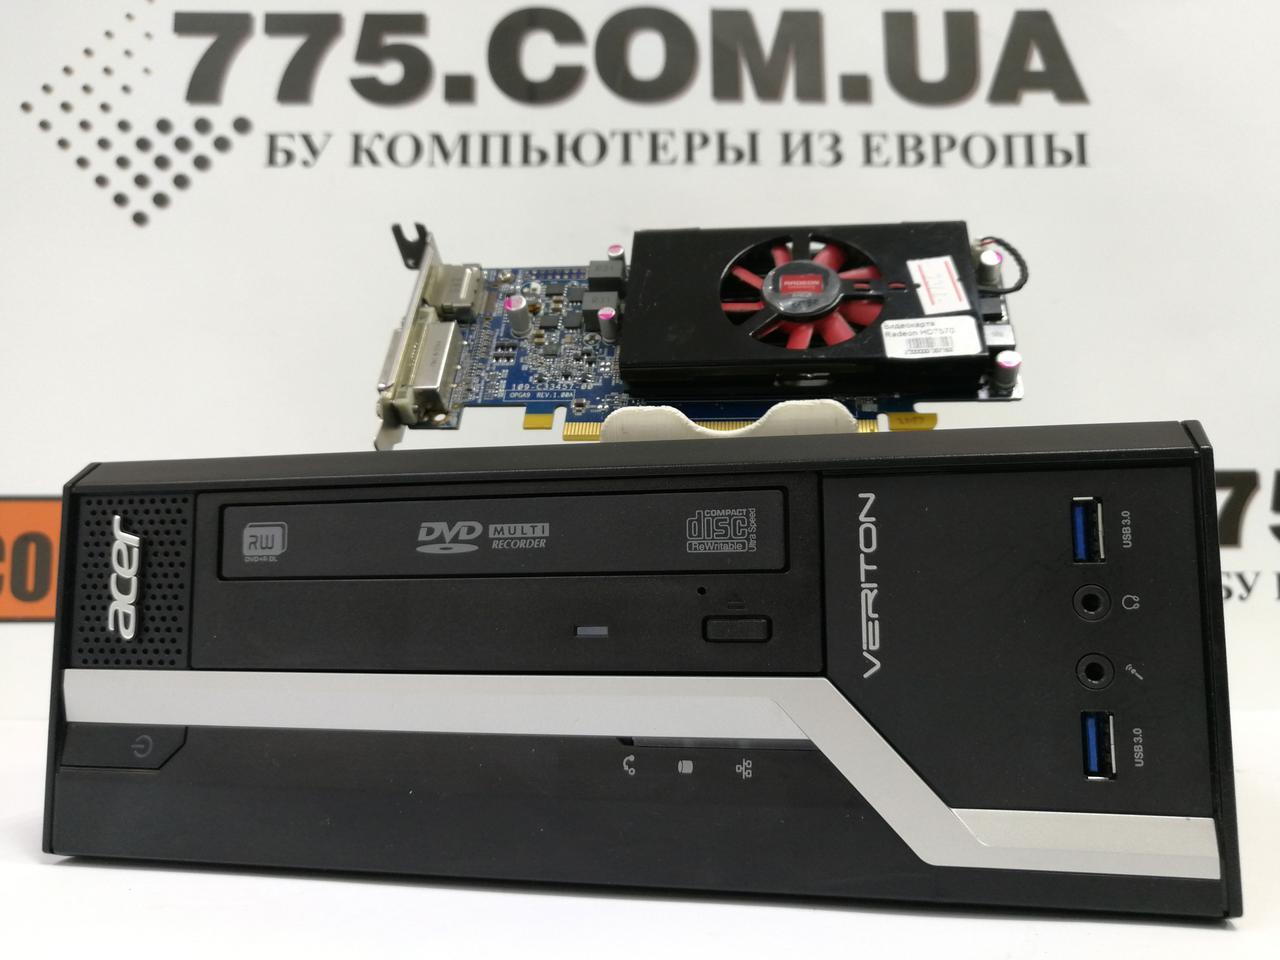 Игровой компьютер Acer Veriton X2631G, Intel Pentium G3220 3.00GHz, RAM 6ГБ, HDD 250ГБ, HD 7570 1ГБ